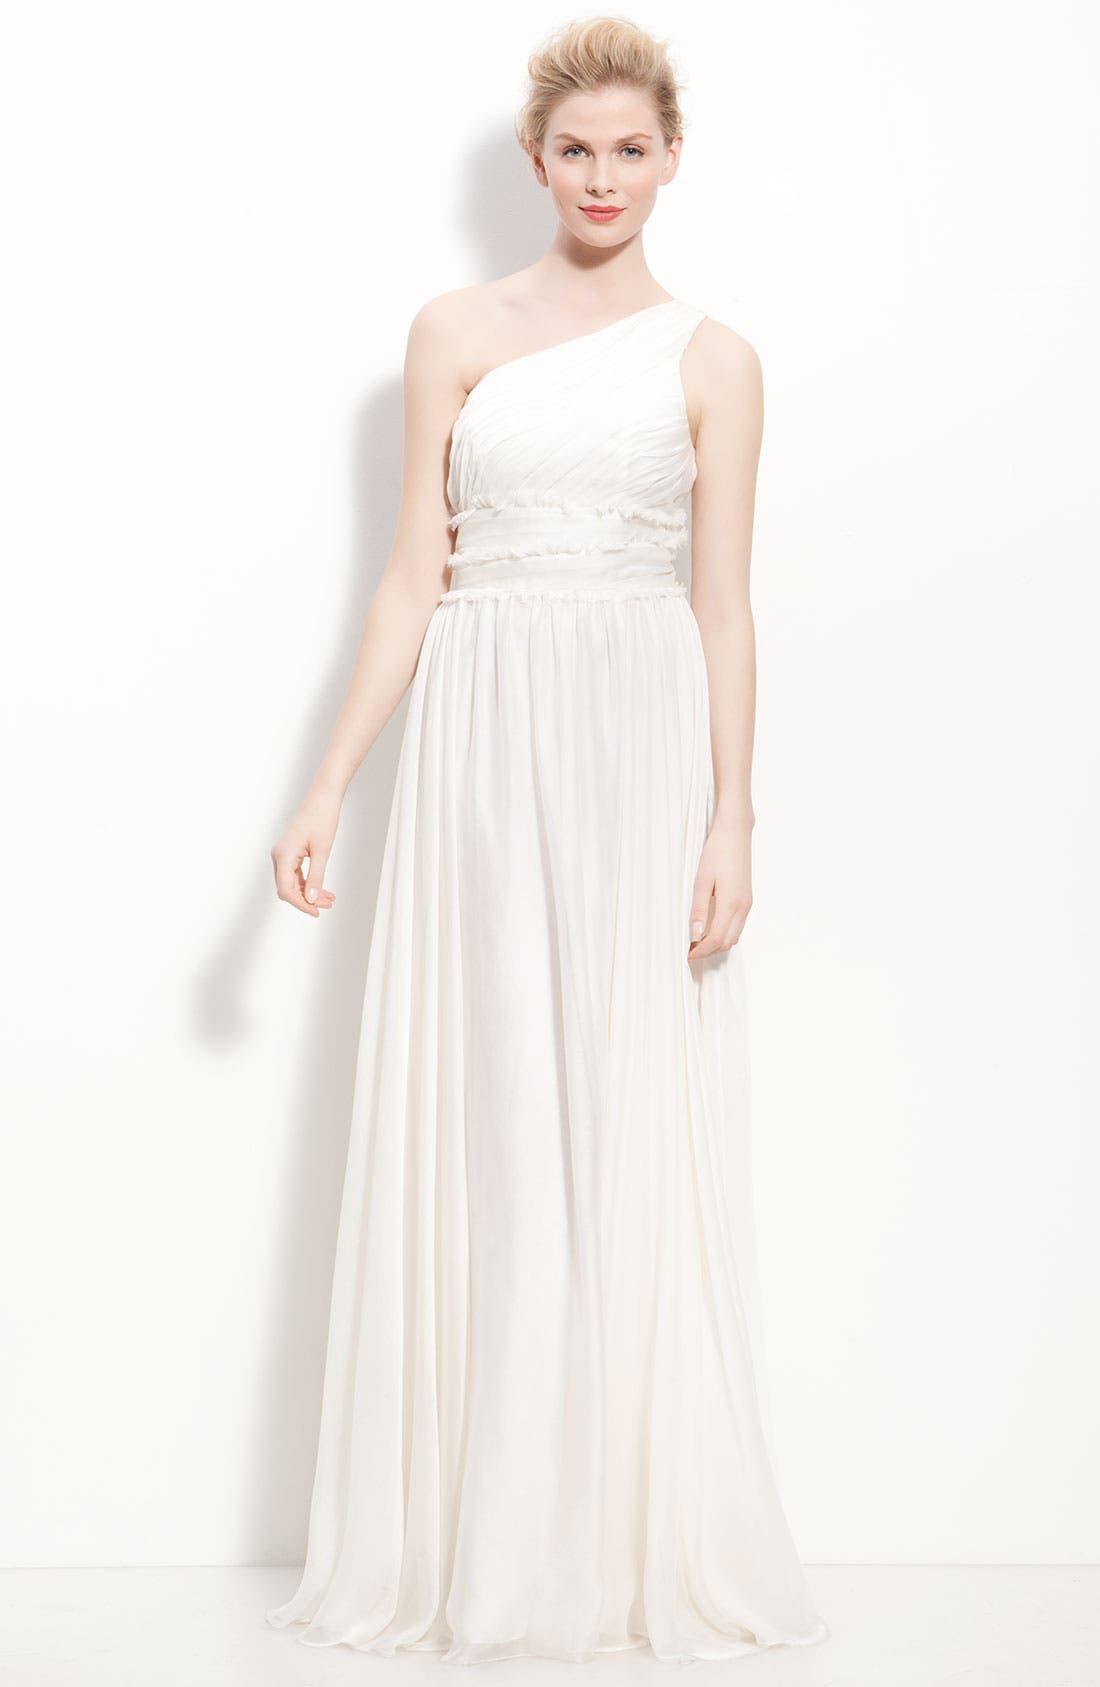 Main Image - ML Monique Lhuillier Bridesmaids One-Shoulder Chiffon Gown (Nordstrom Exclusive)